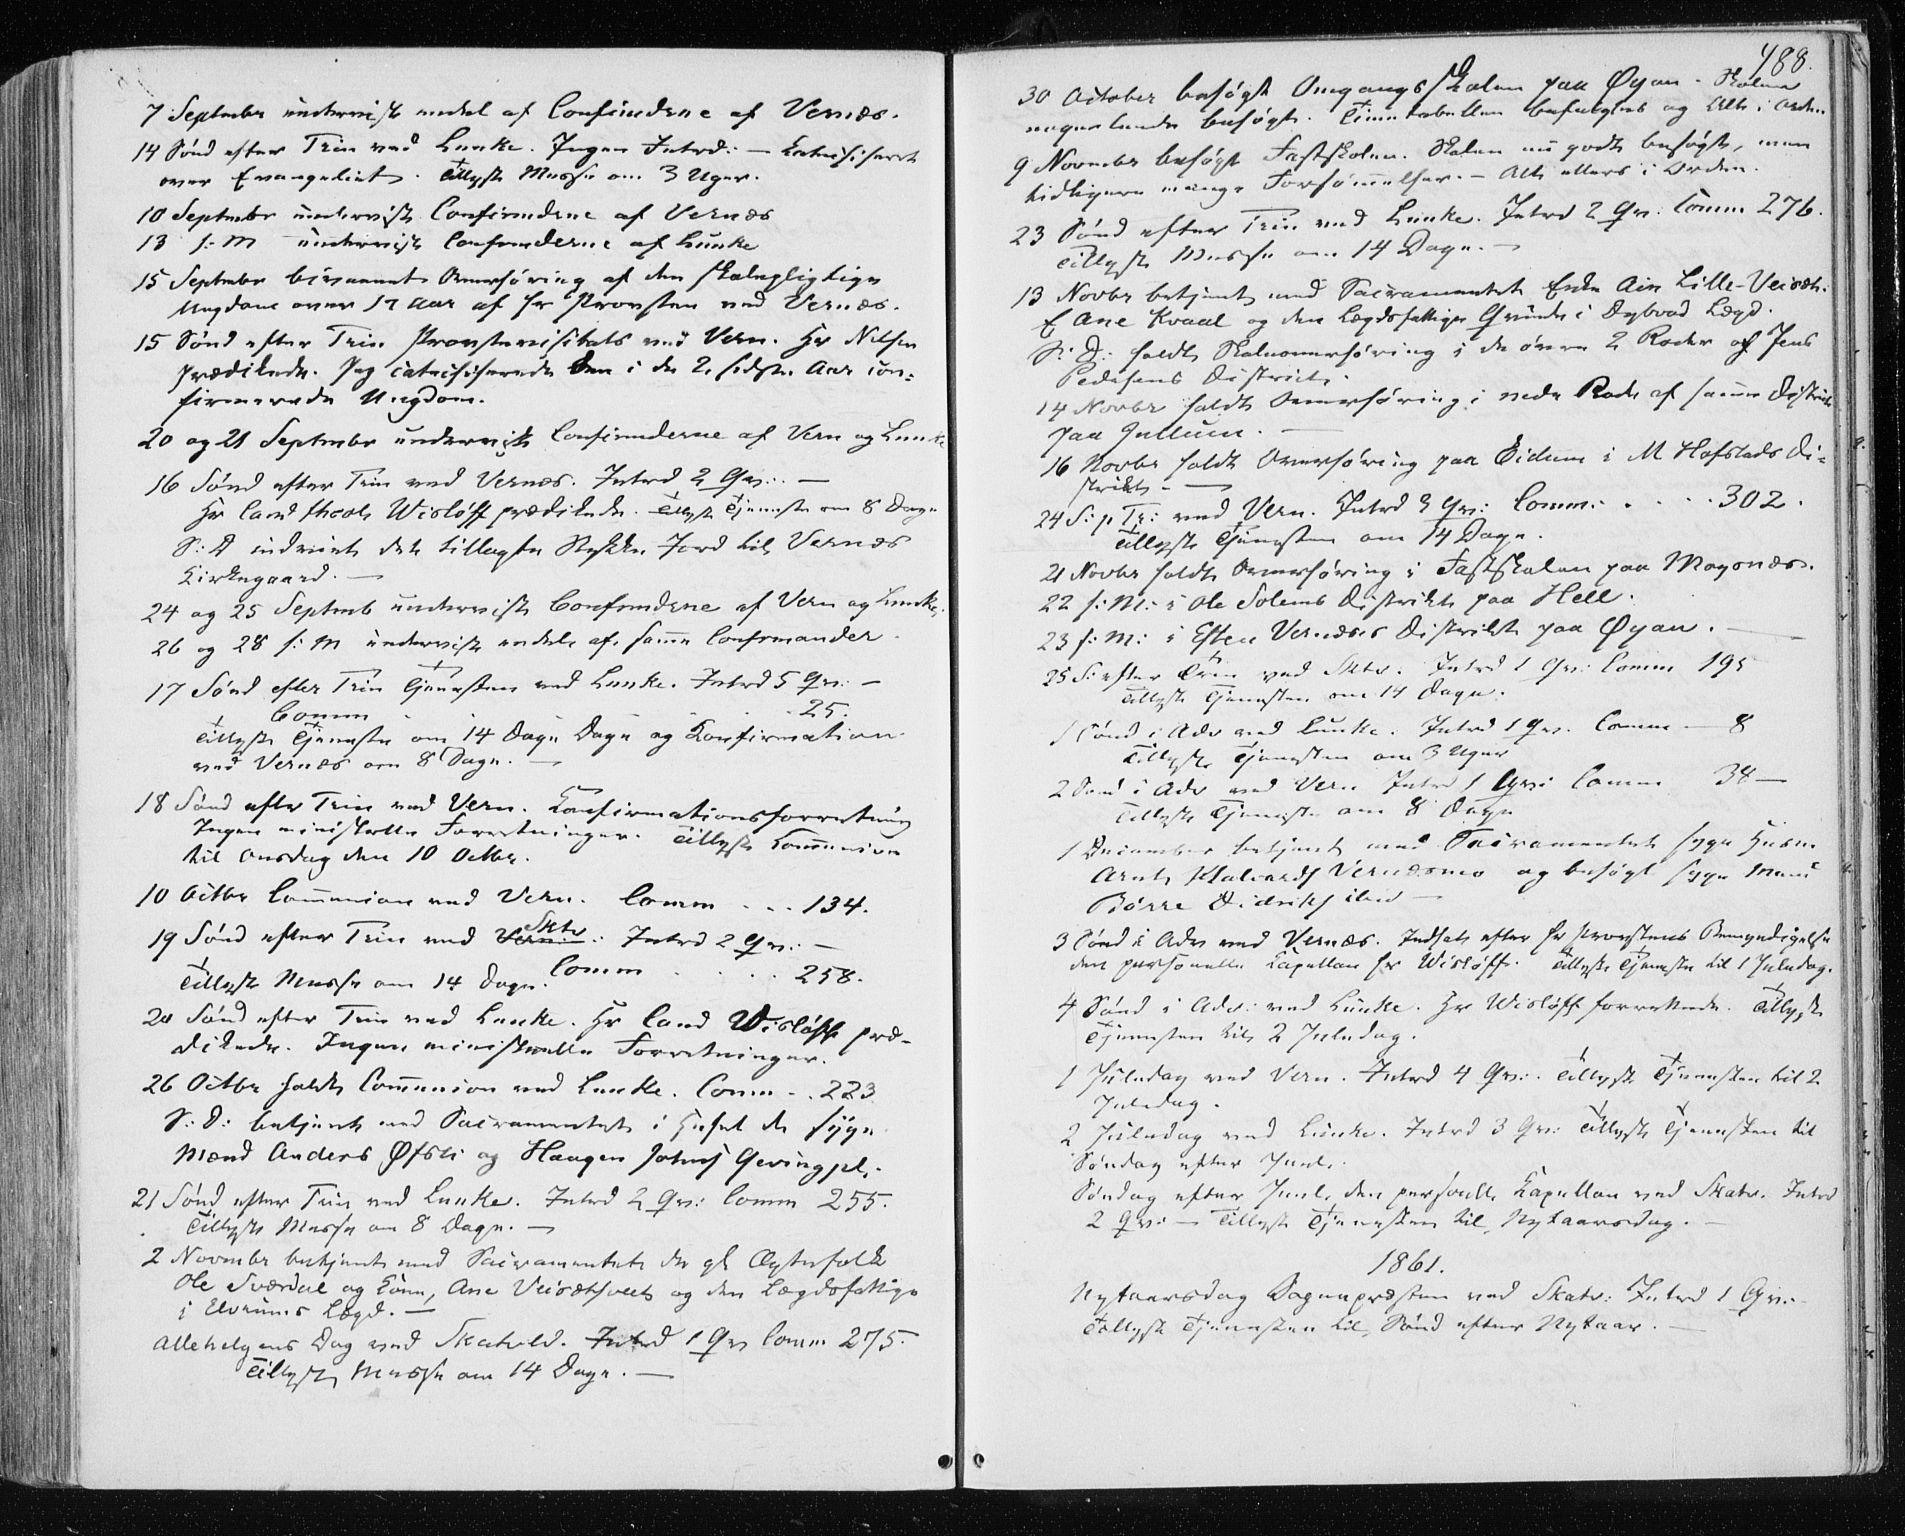 SAT, Ministerialprotokoller, klokkerbøker og fødselsregistre - Nord-Trøndelag, 709/L0075: Ministerialbok nr. 709A15, 1859-1870, s. 488